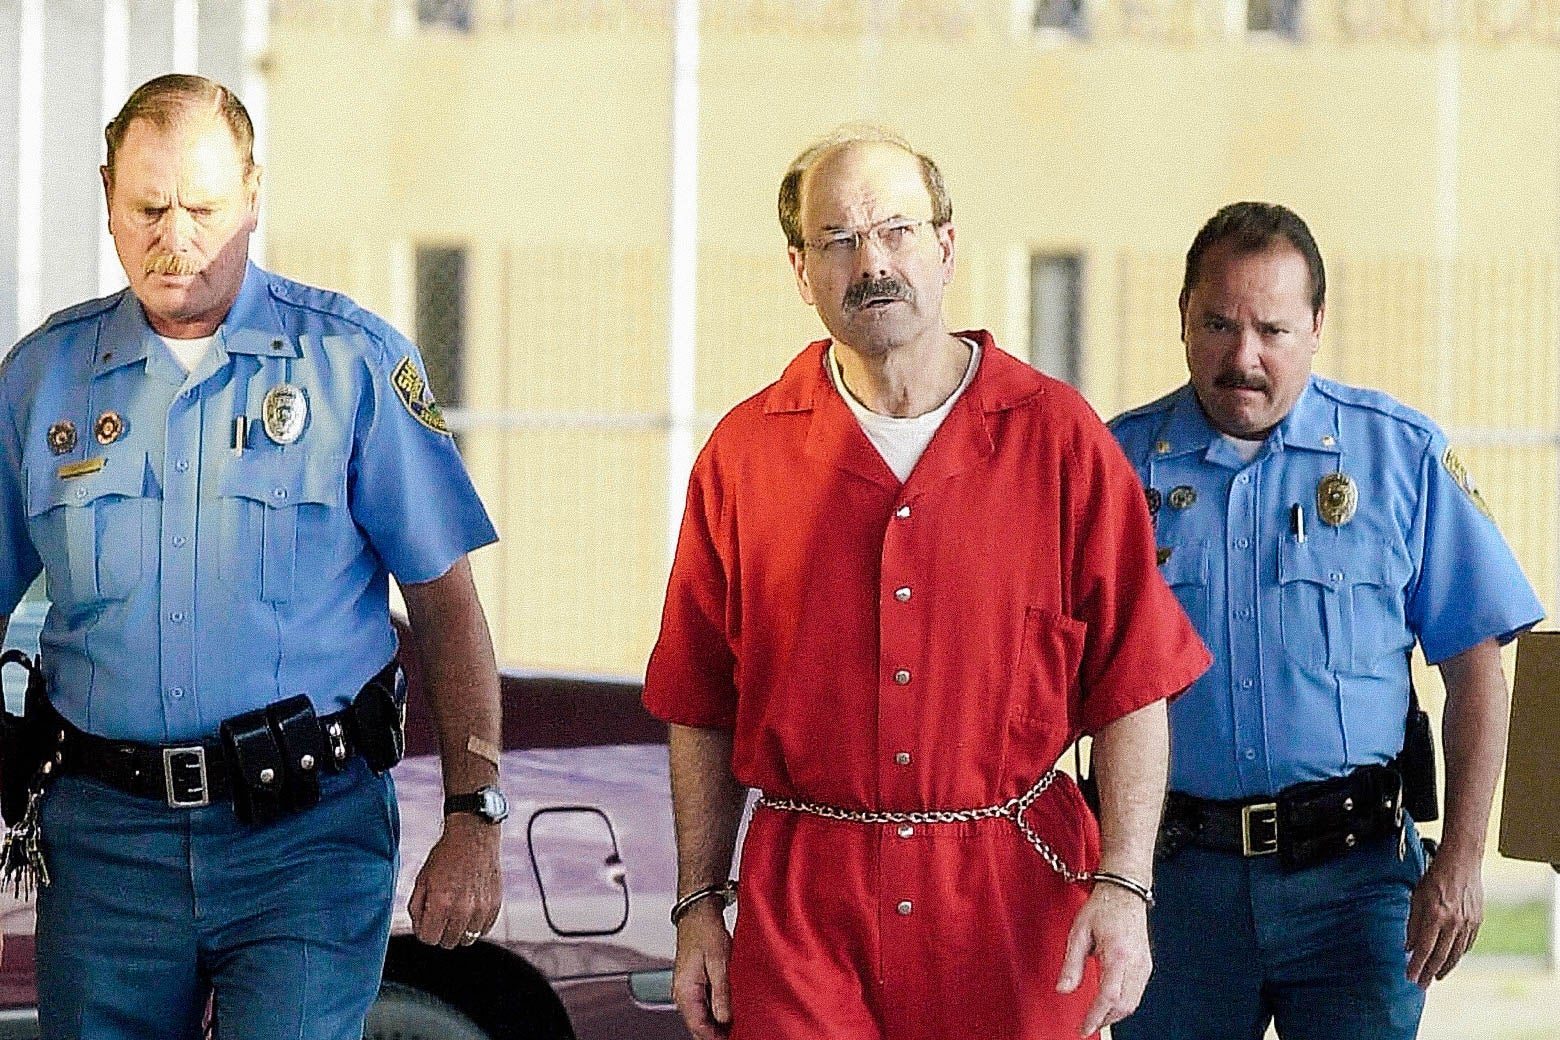 Dennis Lynn Rader wearing prison jumpsuit and handcuffs.